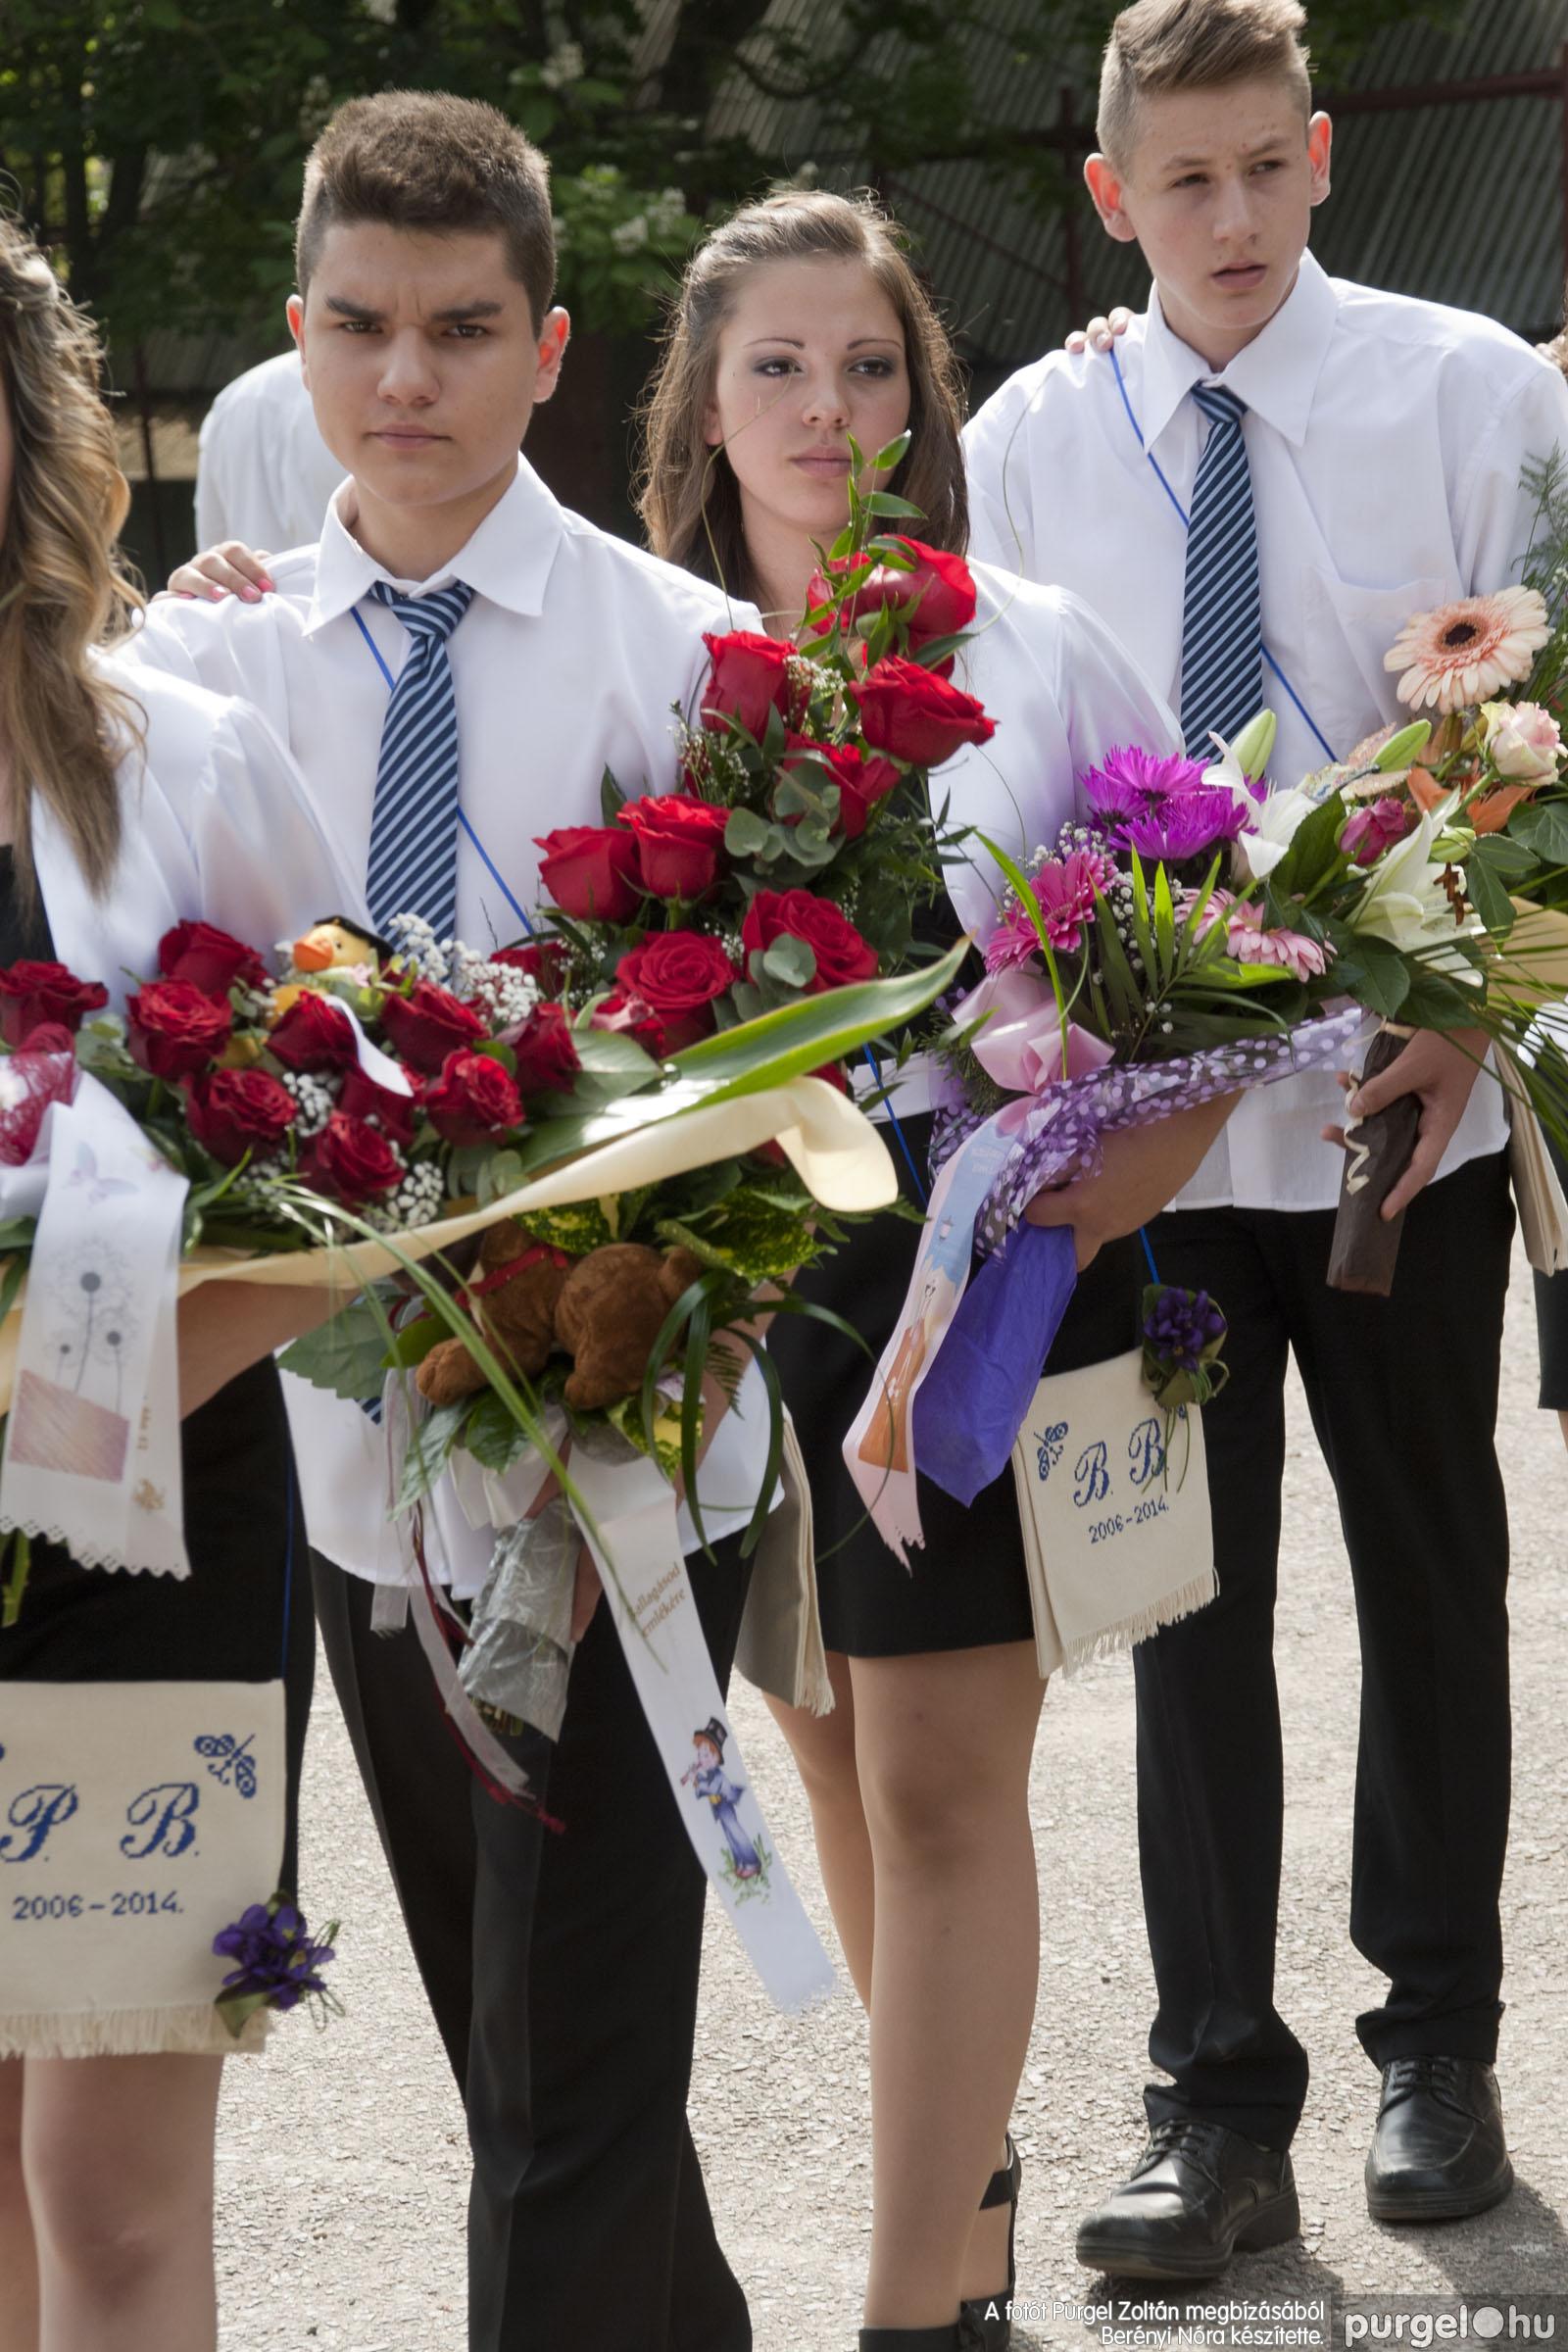 2014.06.14. 117 Forray Máté Általános Iskola ballagás 2014. - Fotó:BERÉNYI NÓRA© _MG_5694.jpg